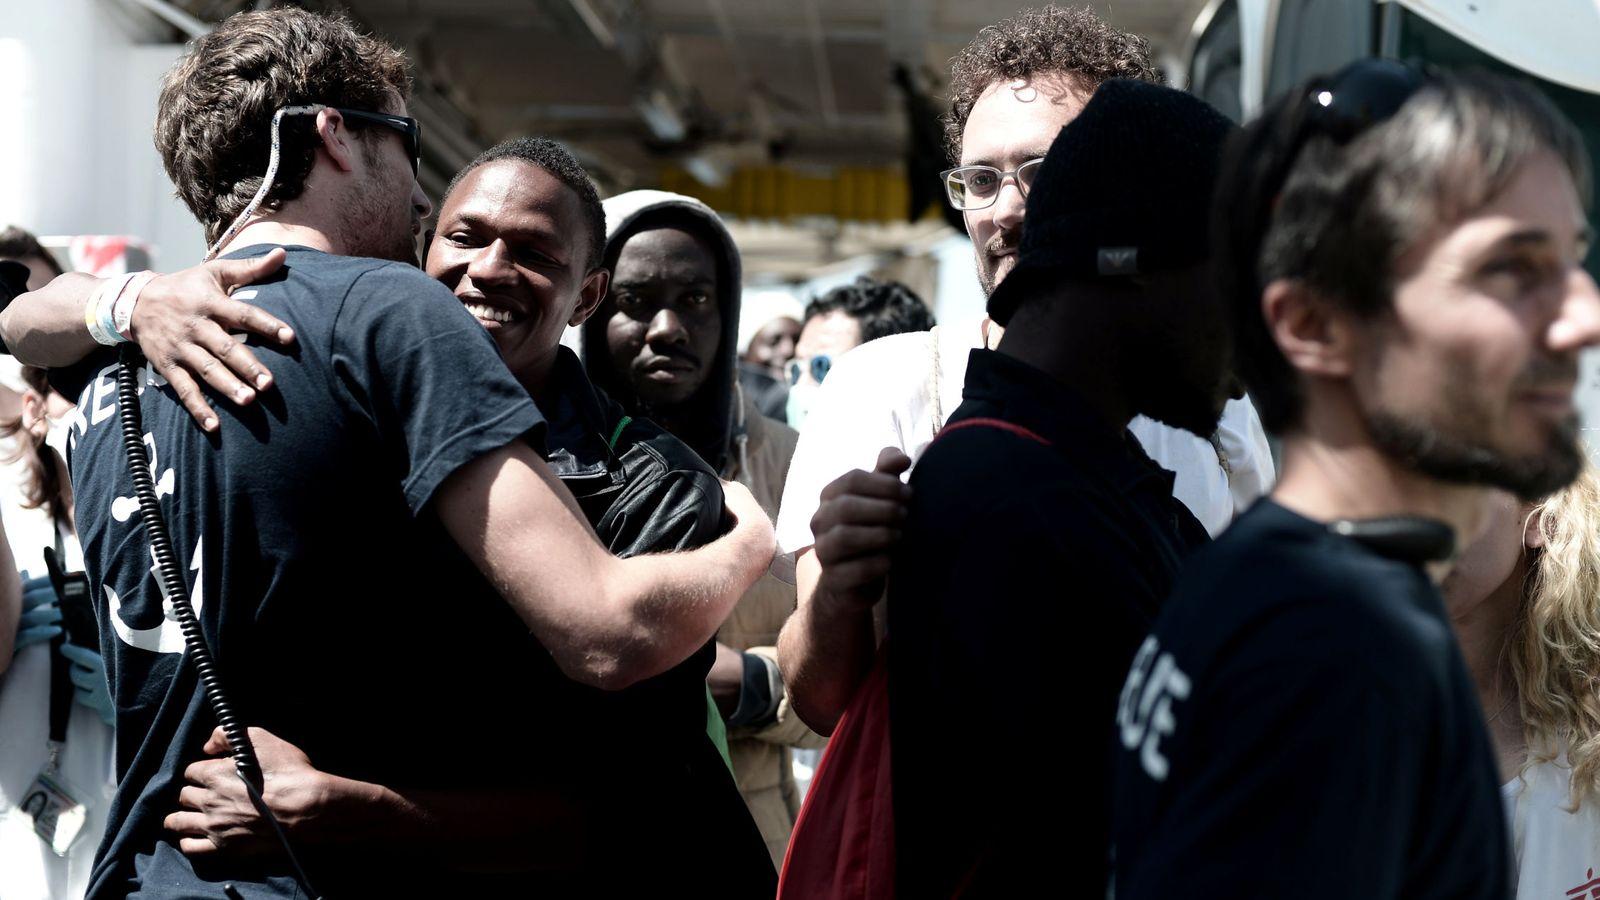 Foto: Migrantes desembarcan del Aquarius después de su llegada al puerto de Valencia, este 17 de junio. (Reuters)